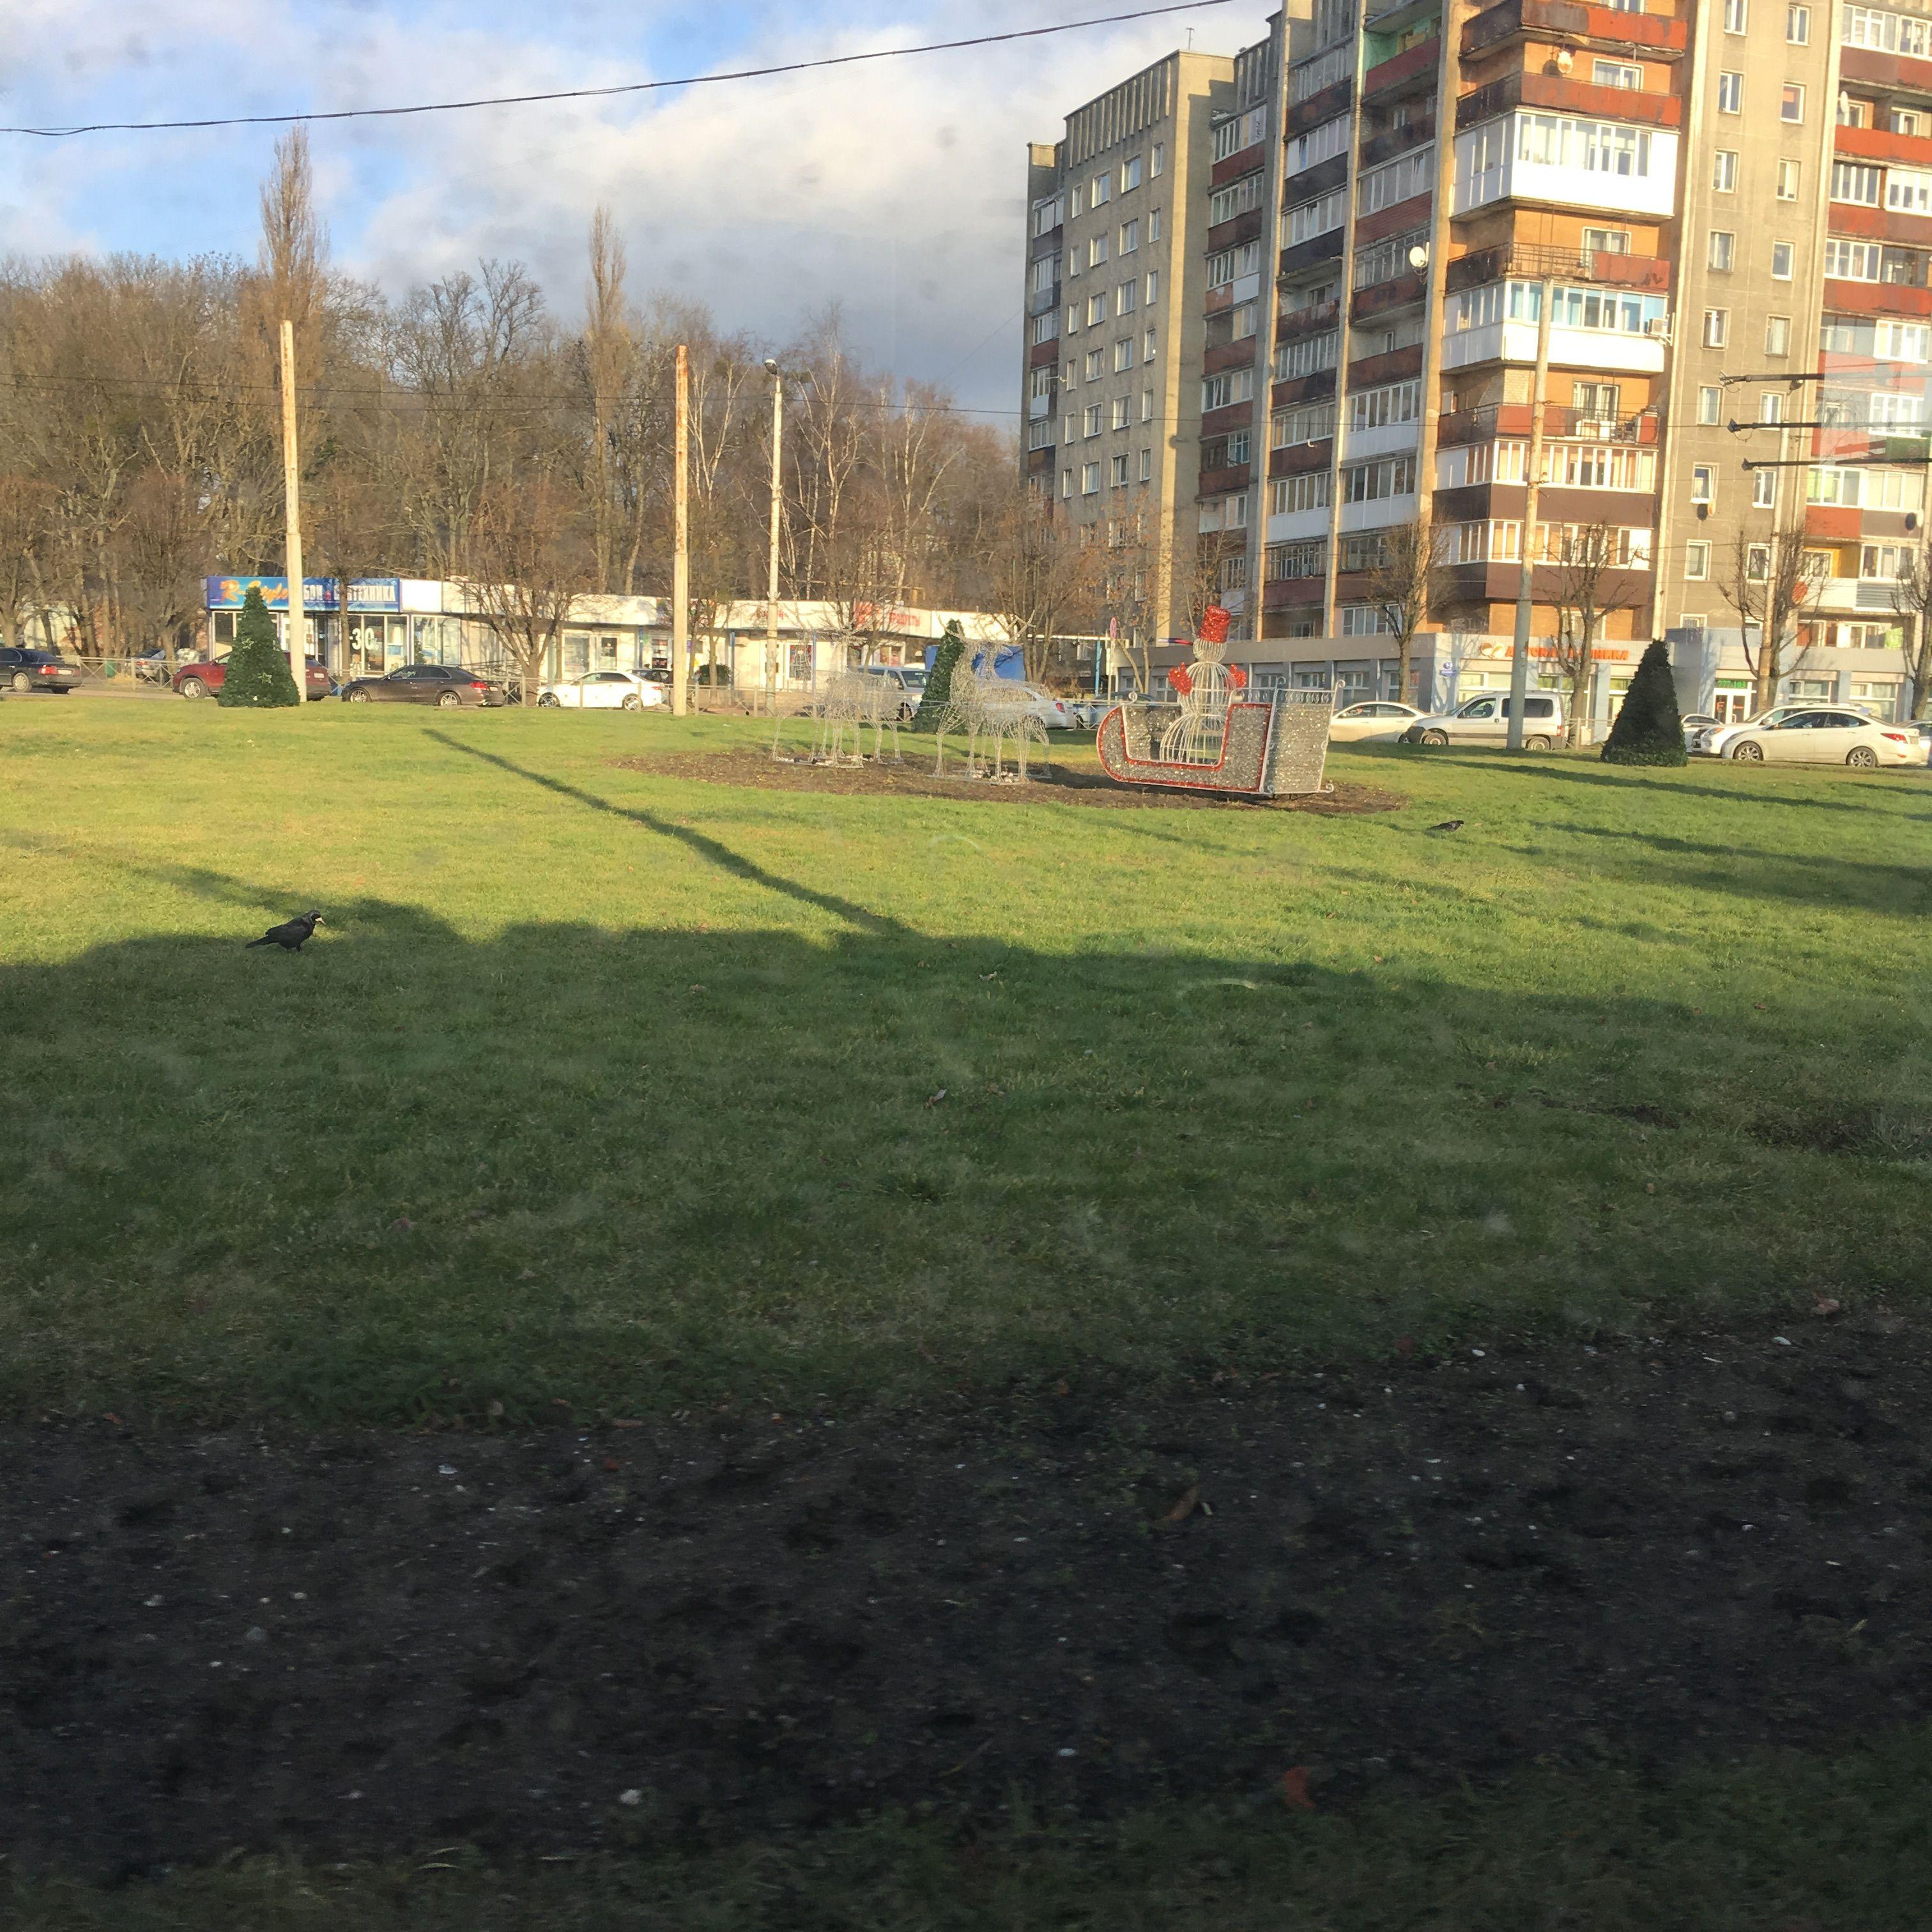 Начало зимы в Калининграде. Фото: Vladimir Shveda